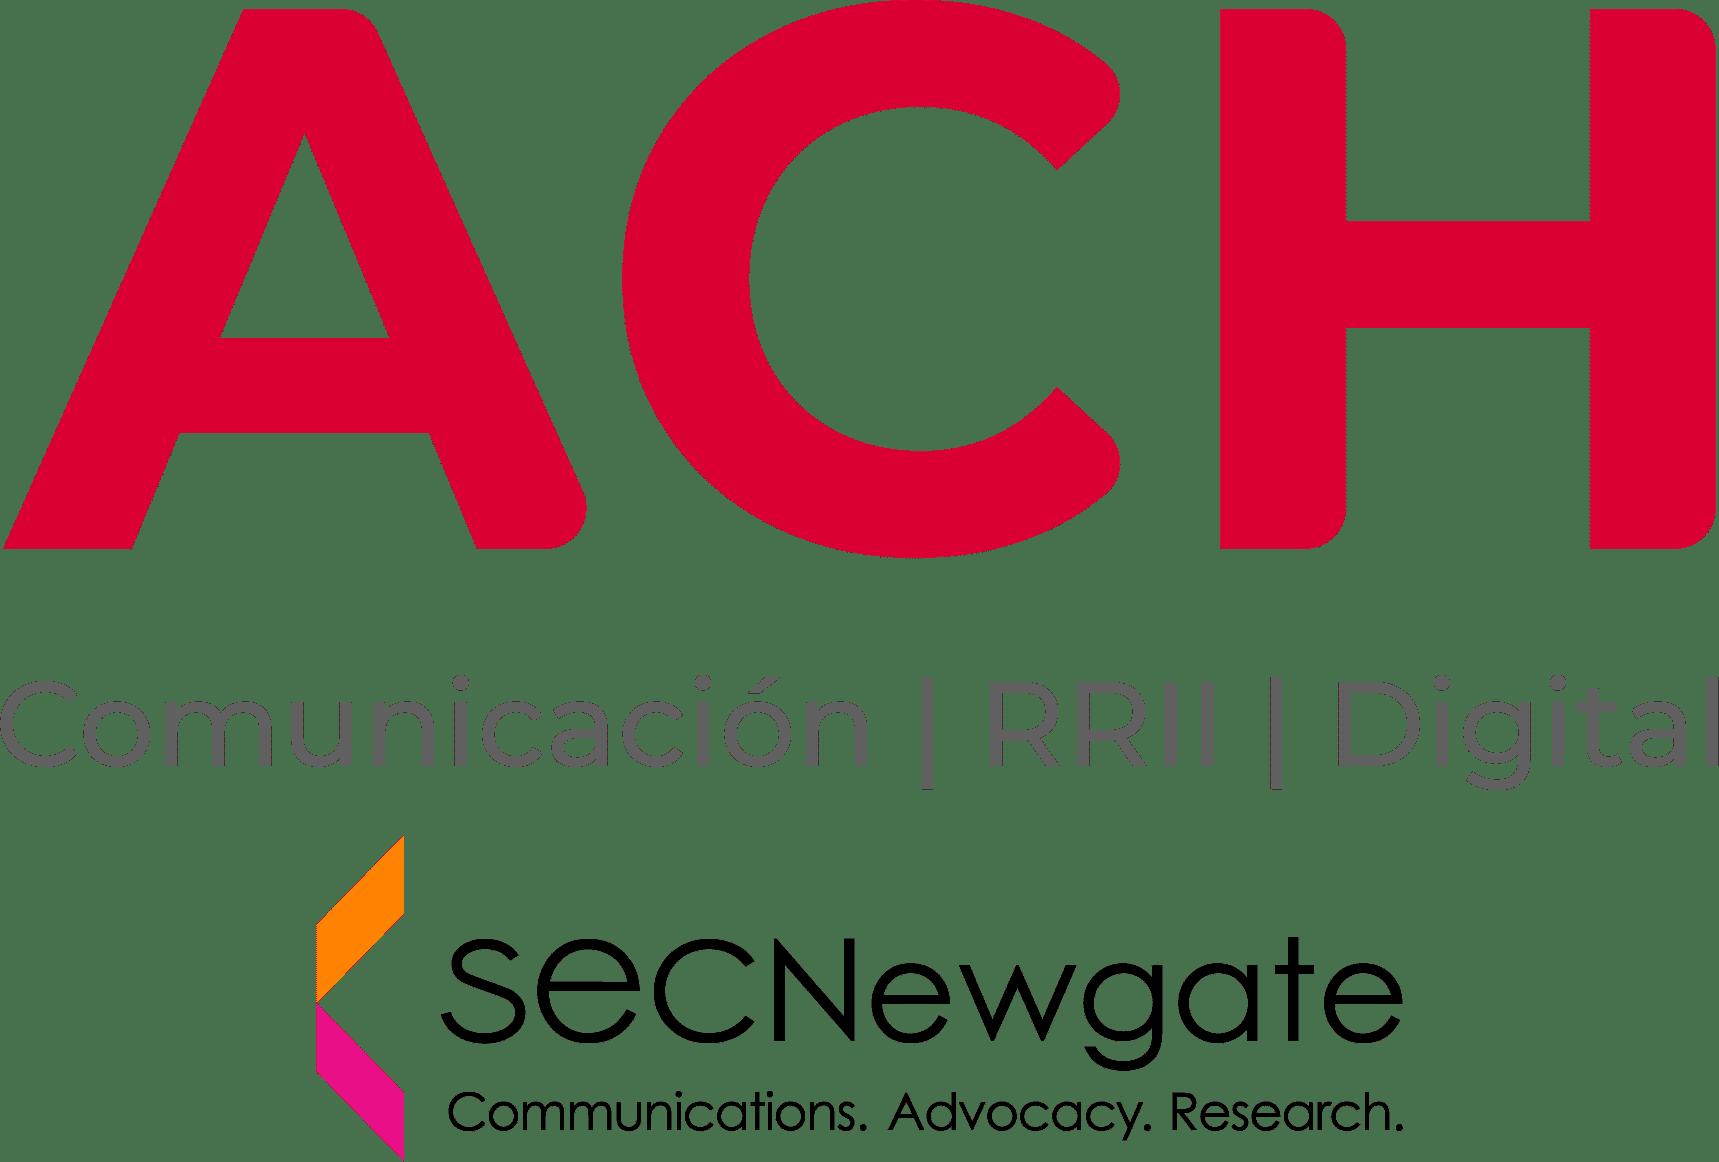 ACH Comunicación